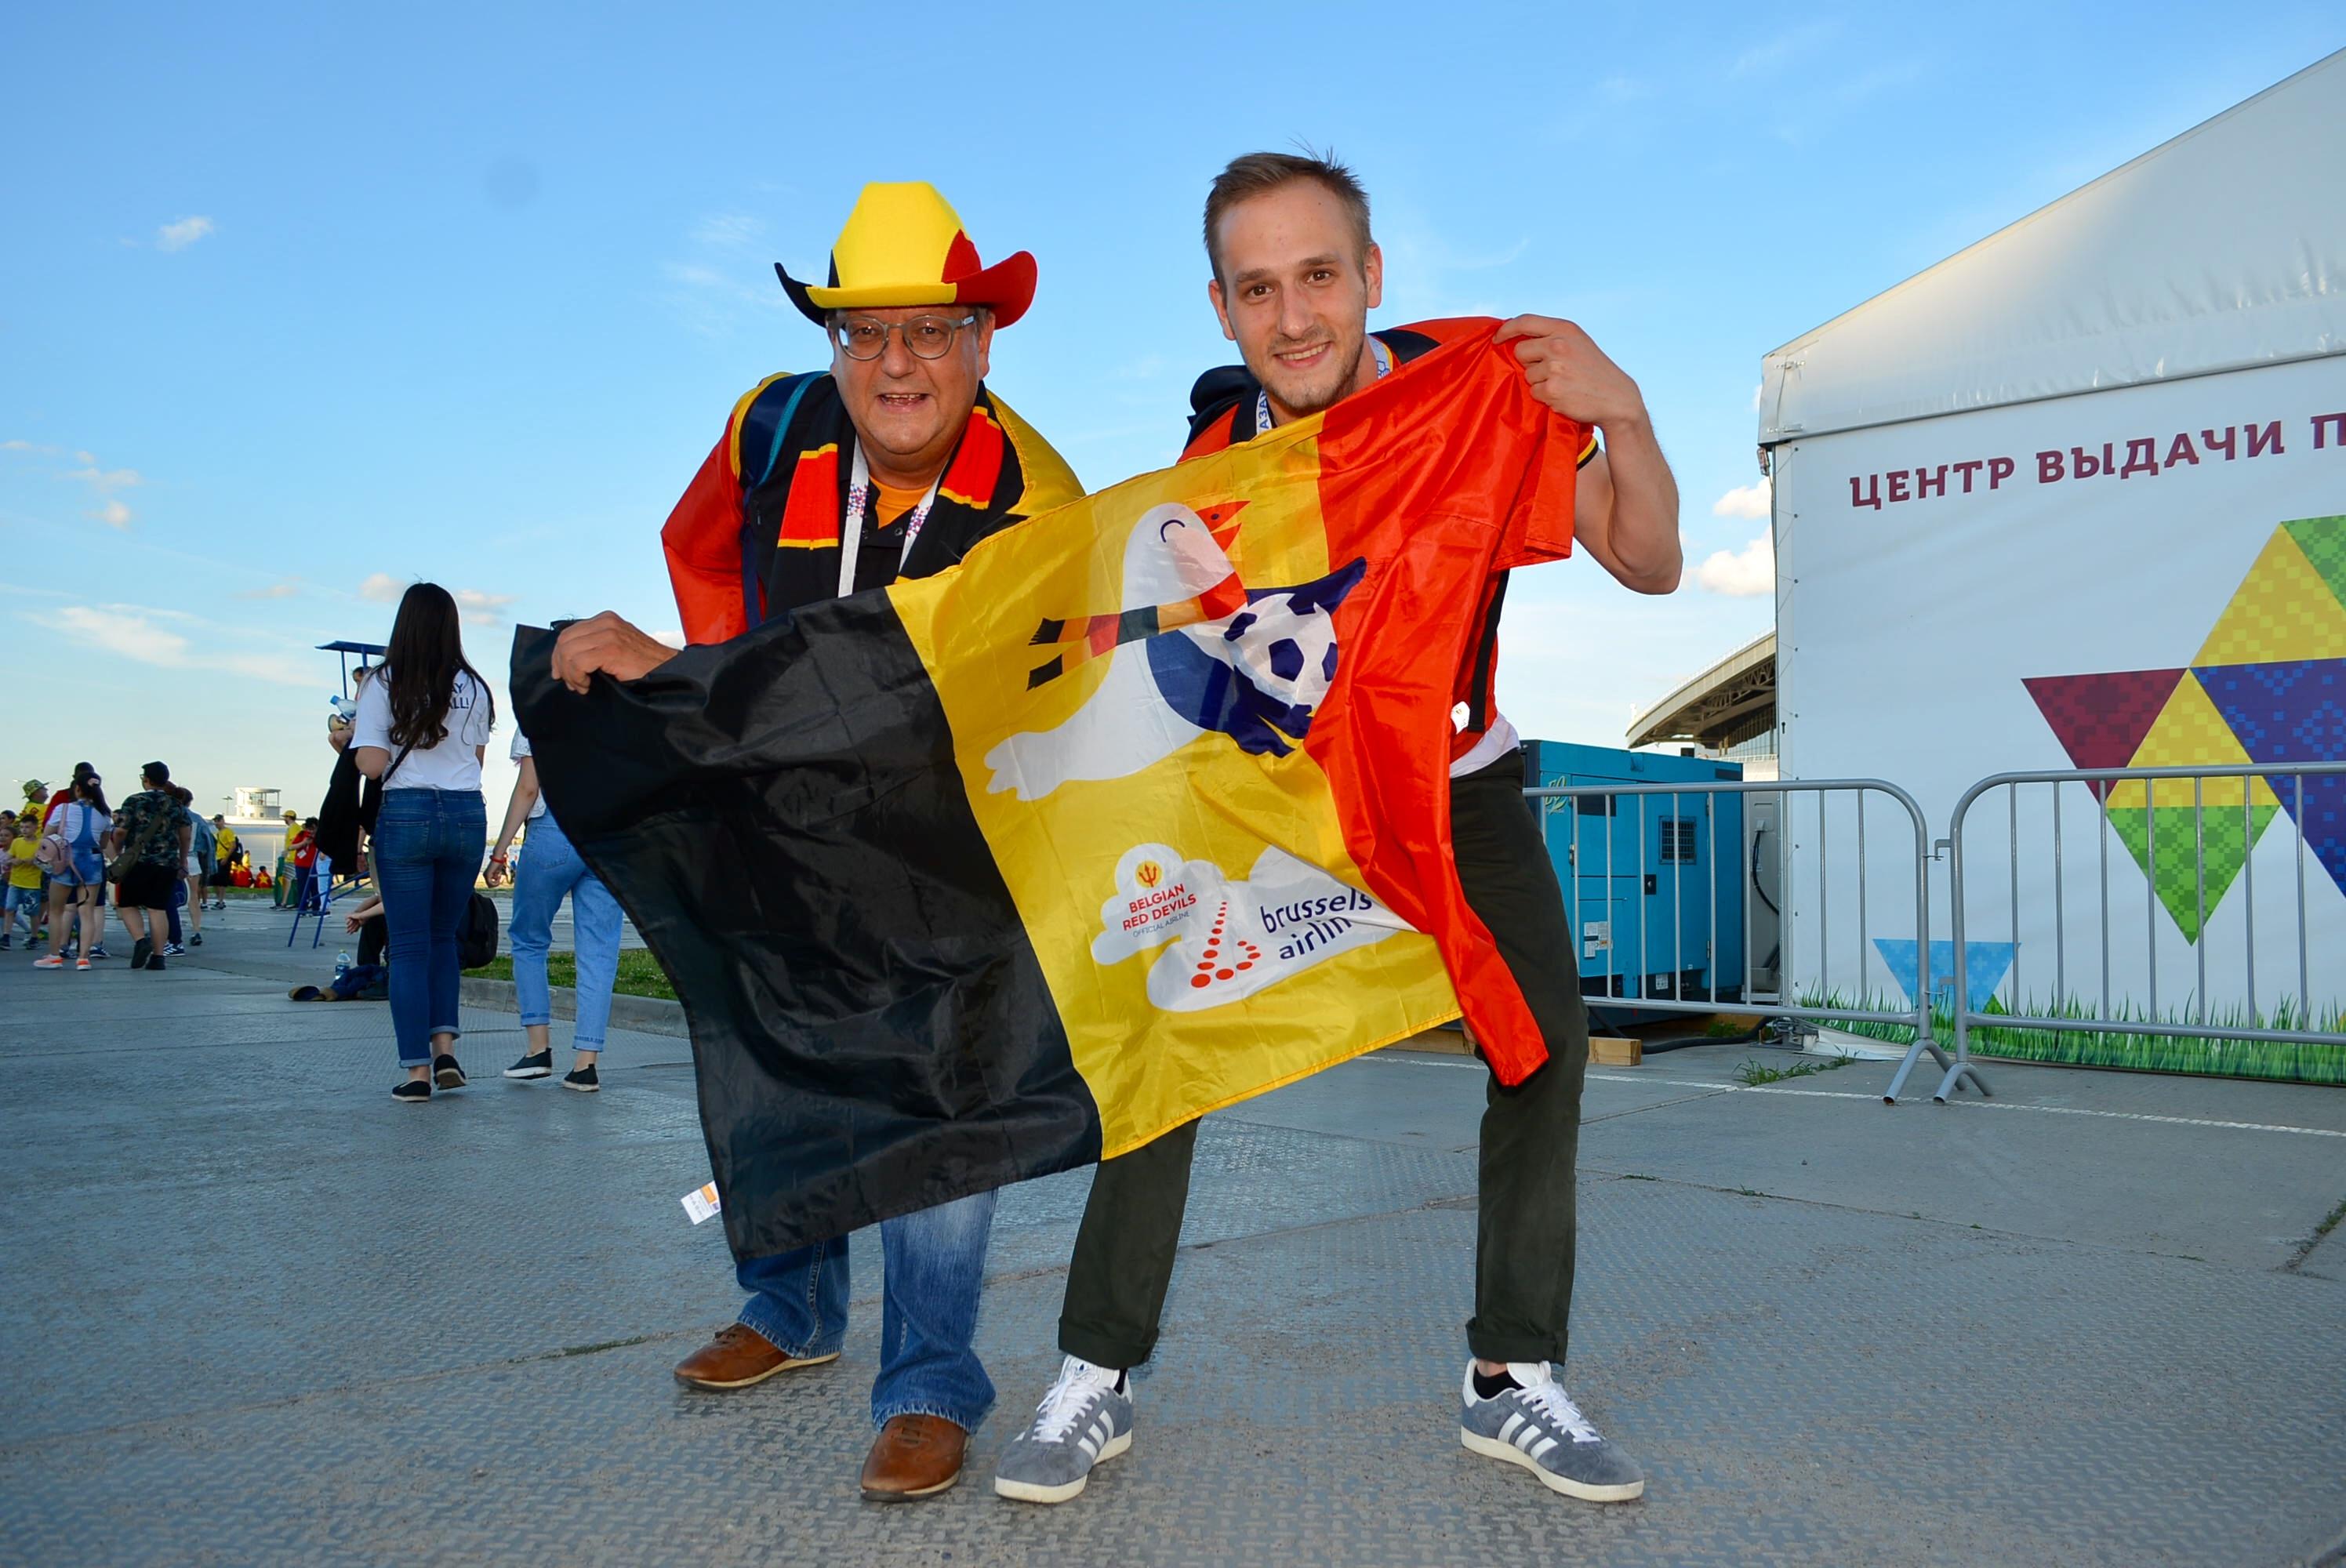 比利時球迷Didier(右)直斥英格蘭為走綫輸波屬懦夫行為。